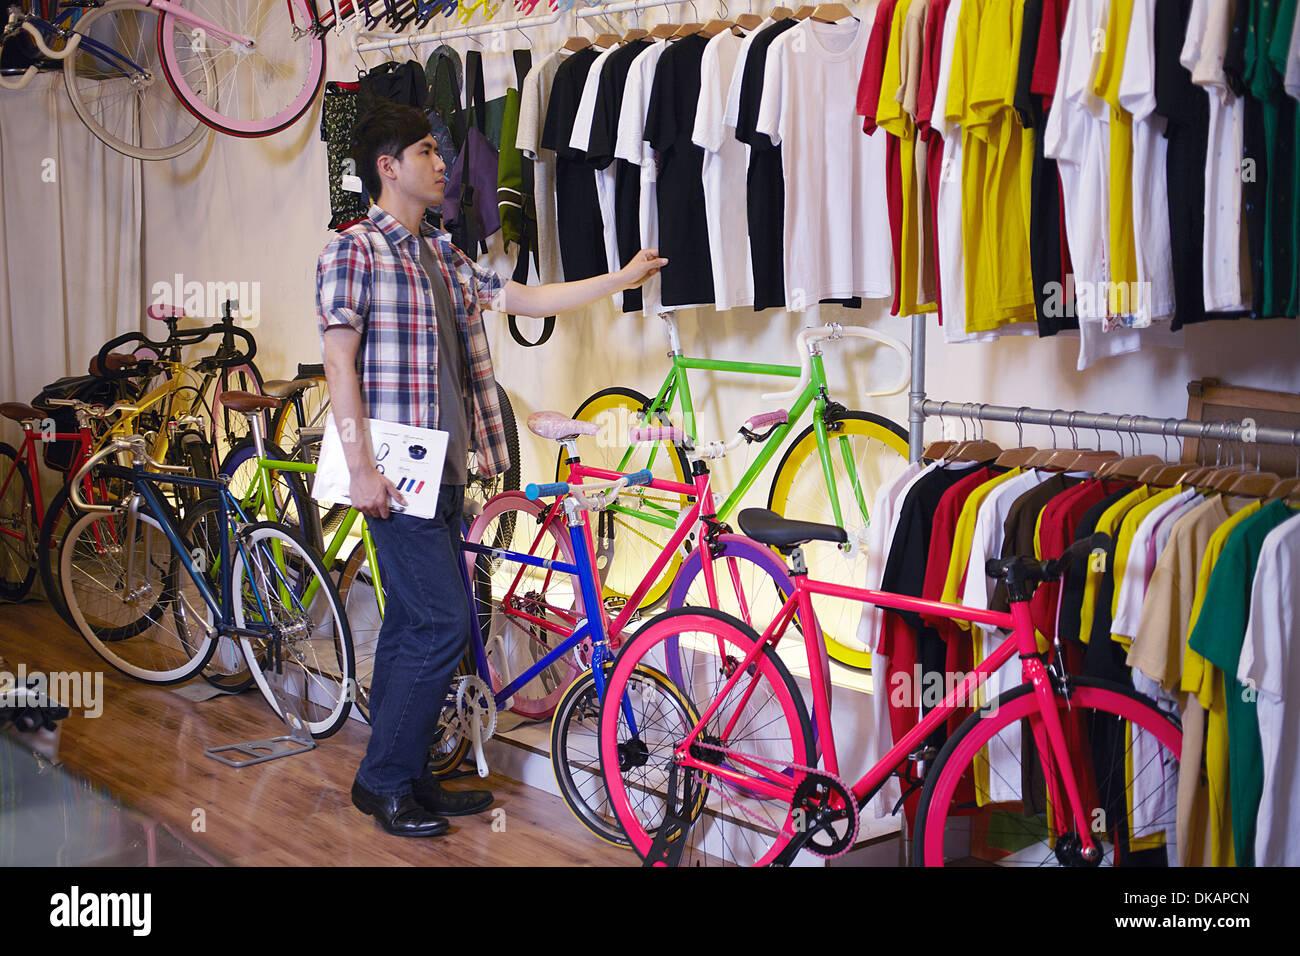 Joven en la tienda de bicicletas eligiendo camiseta Imagen De Stock